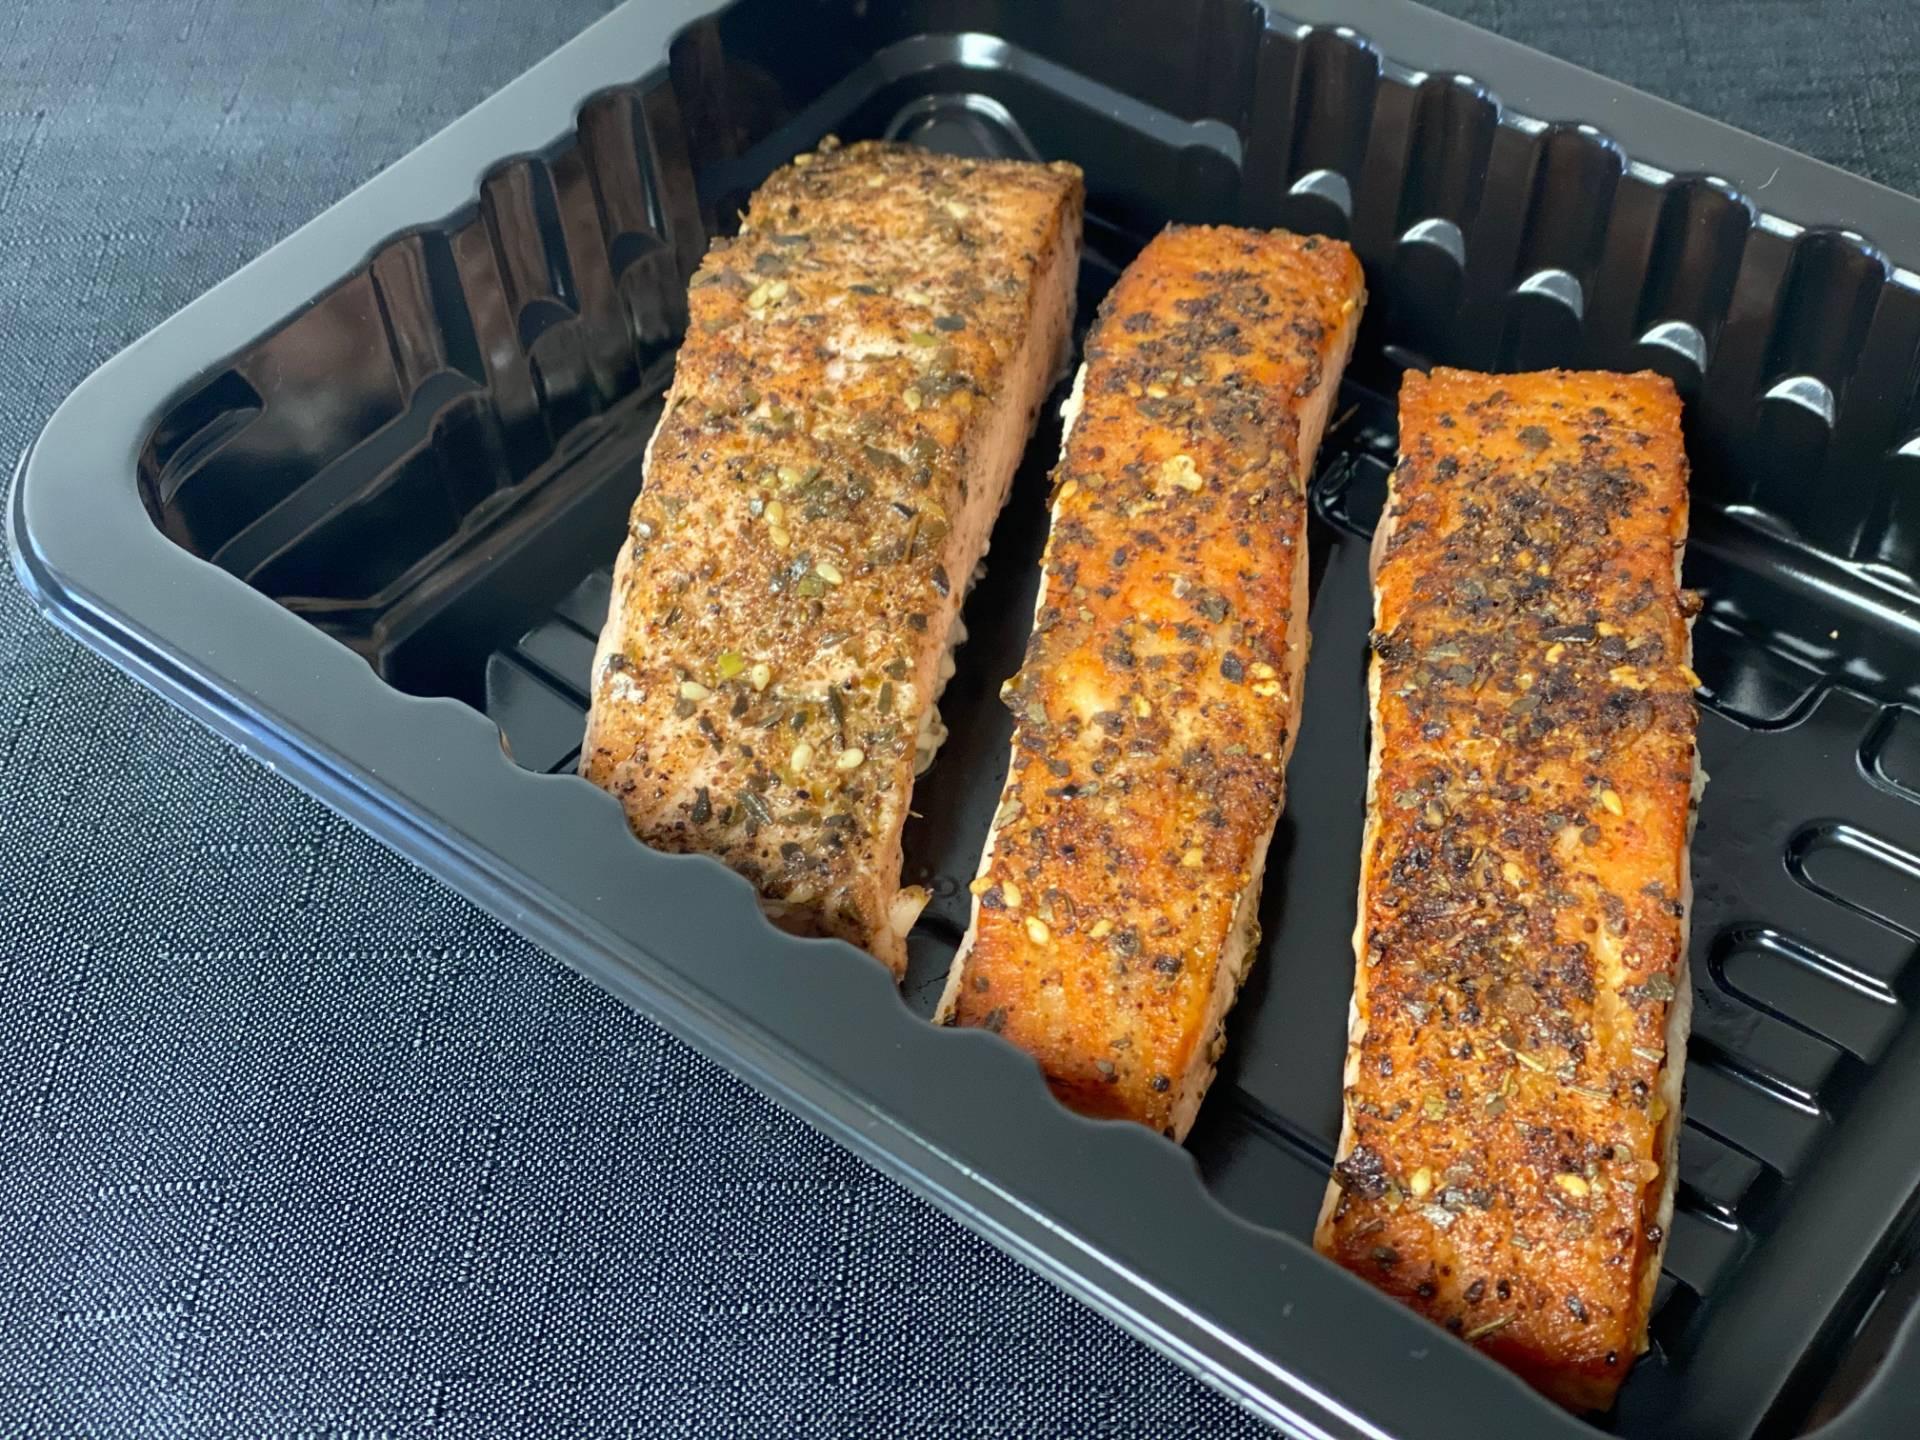 Xtra Salmon